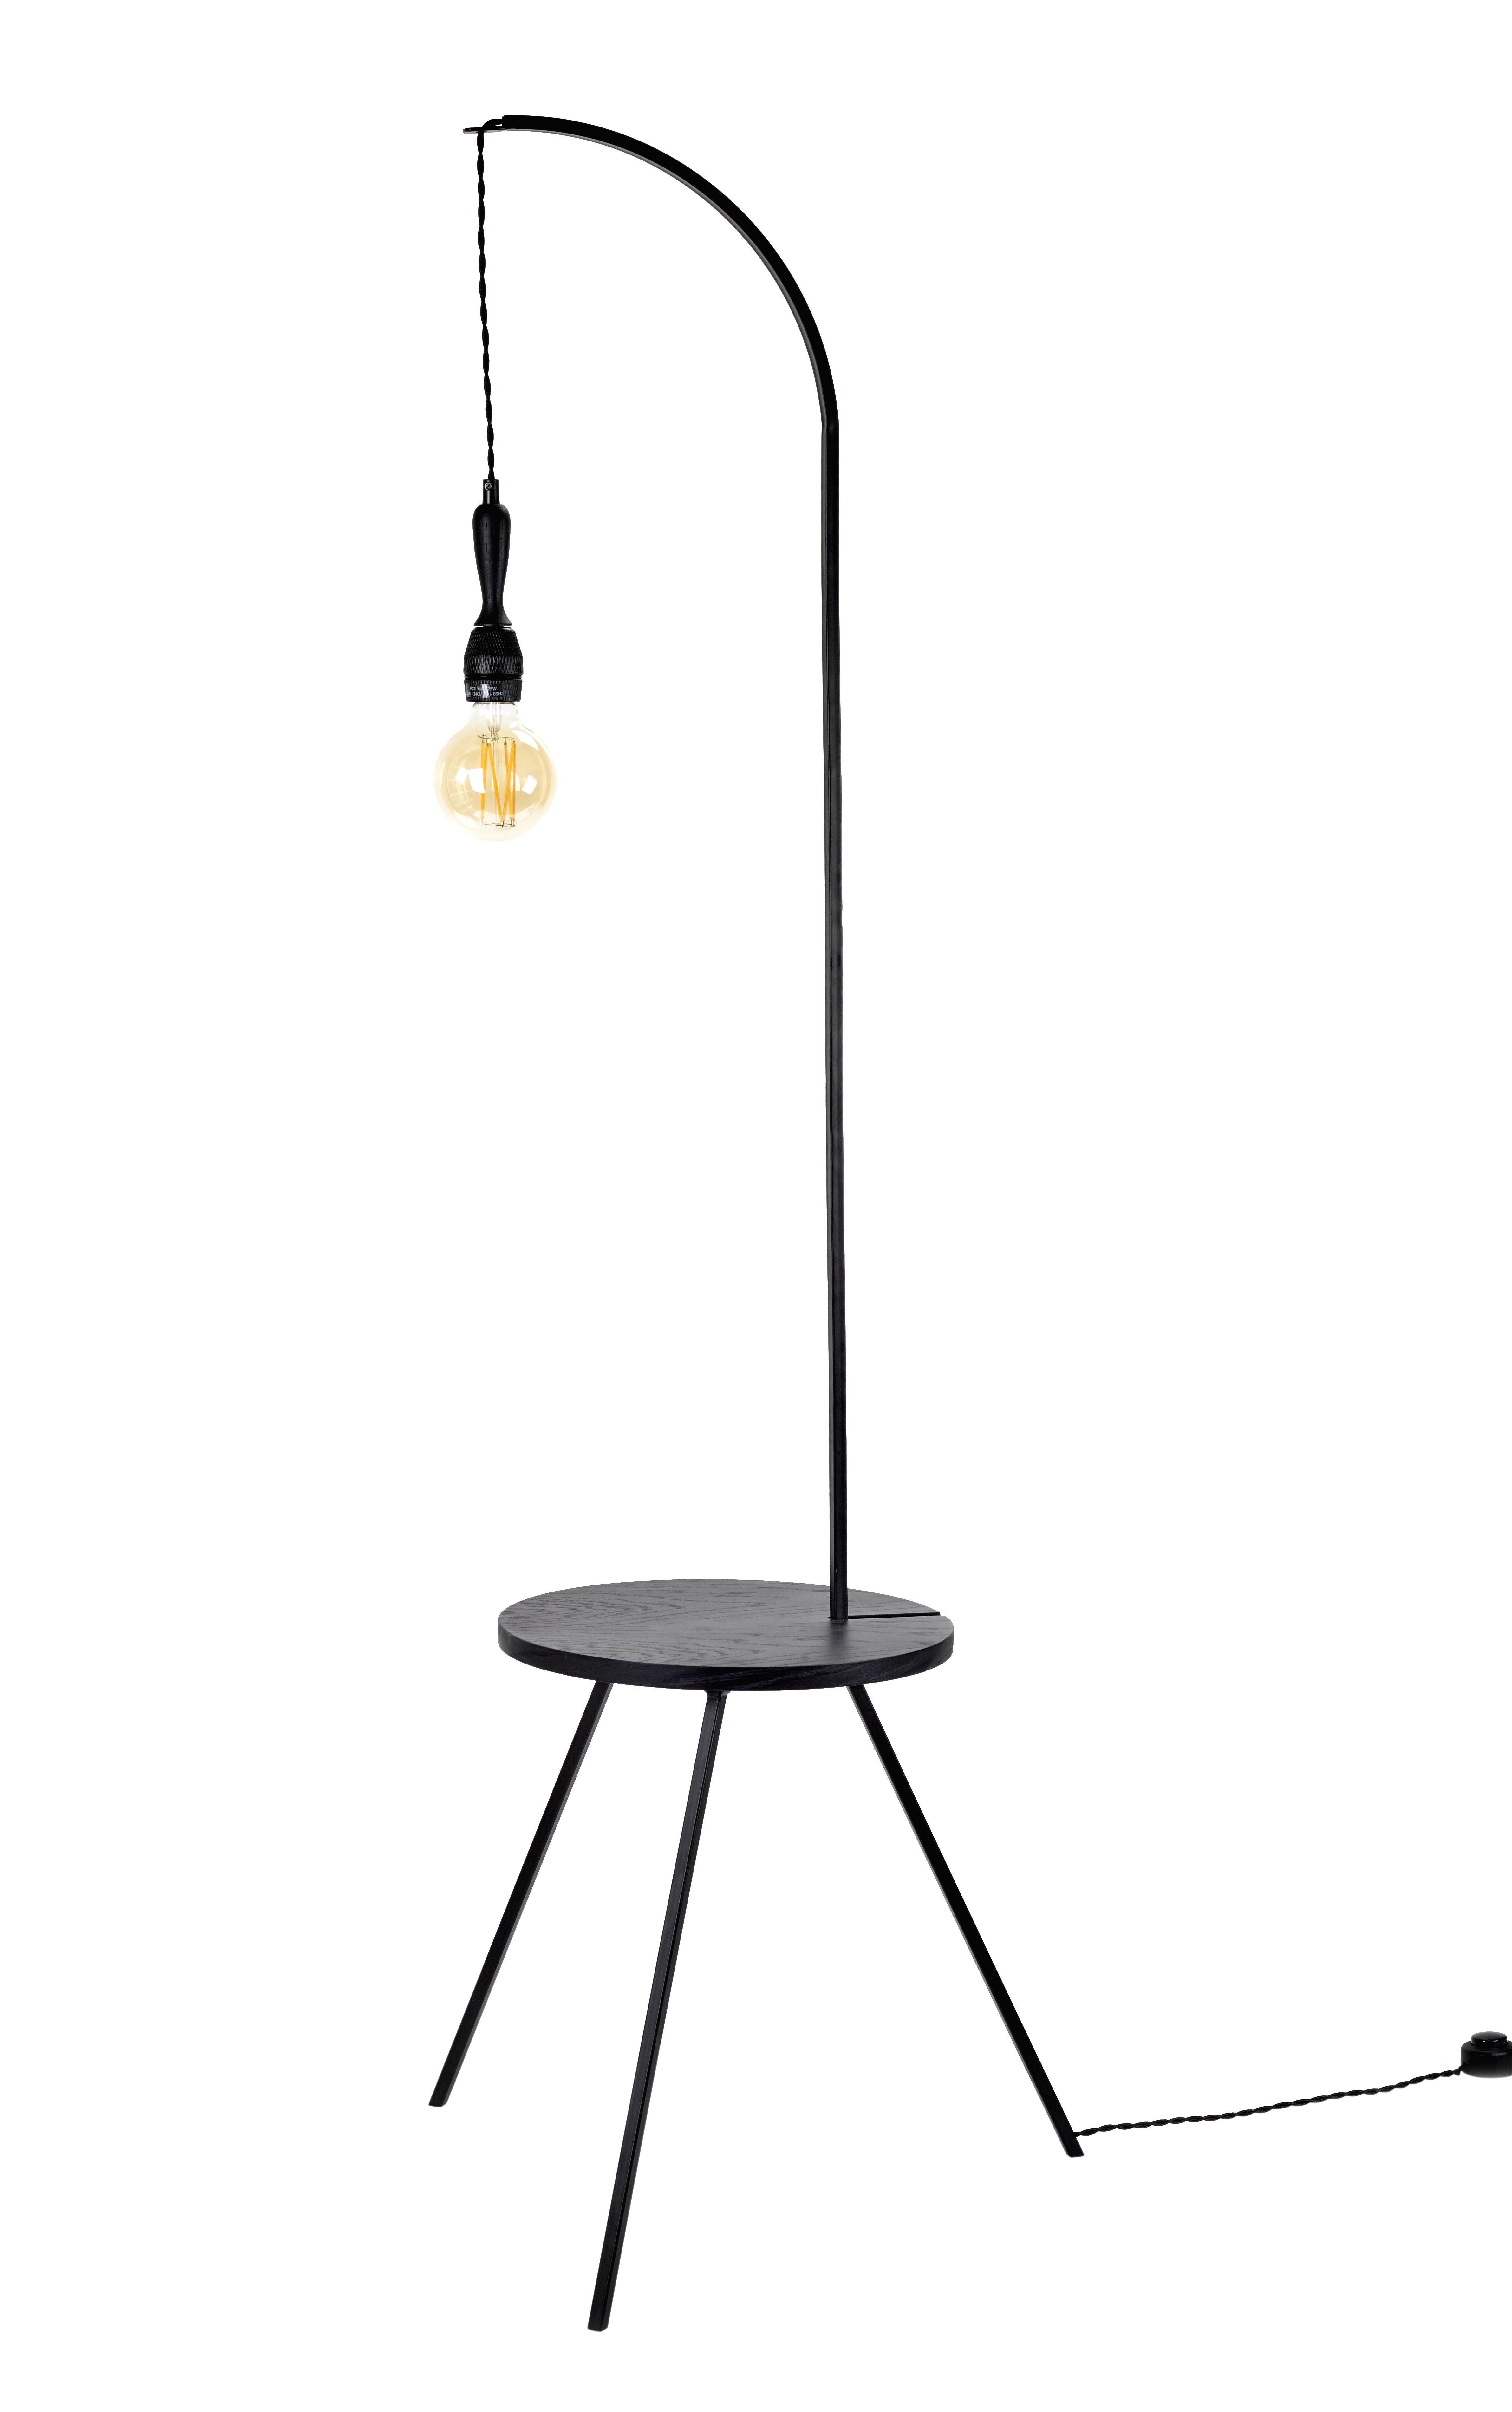 Möbel - Couchtische - Studio Simple Abstelltisch leuchtend / Tisch - Ø 50 cm x H 160 cm - Serax - Schwarz - Bois plaqué, Metall